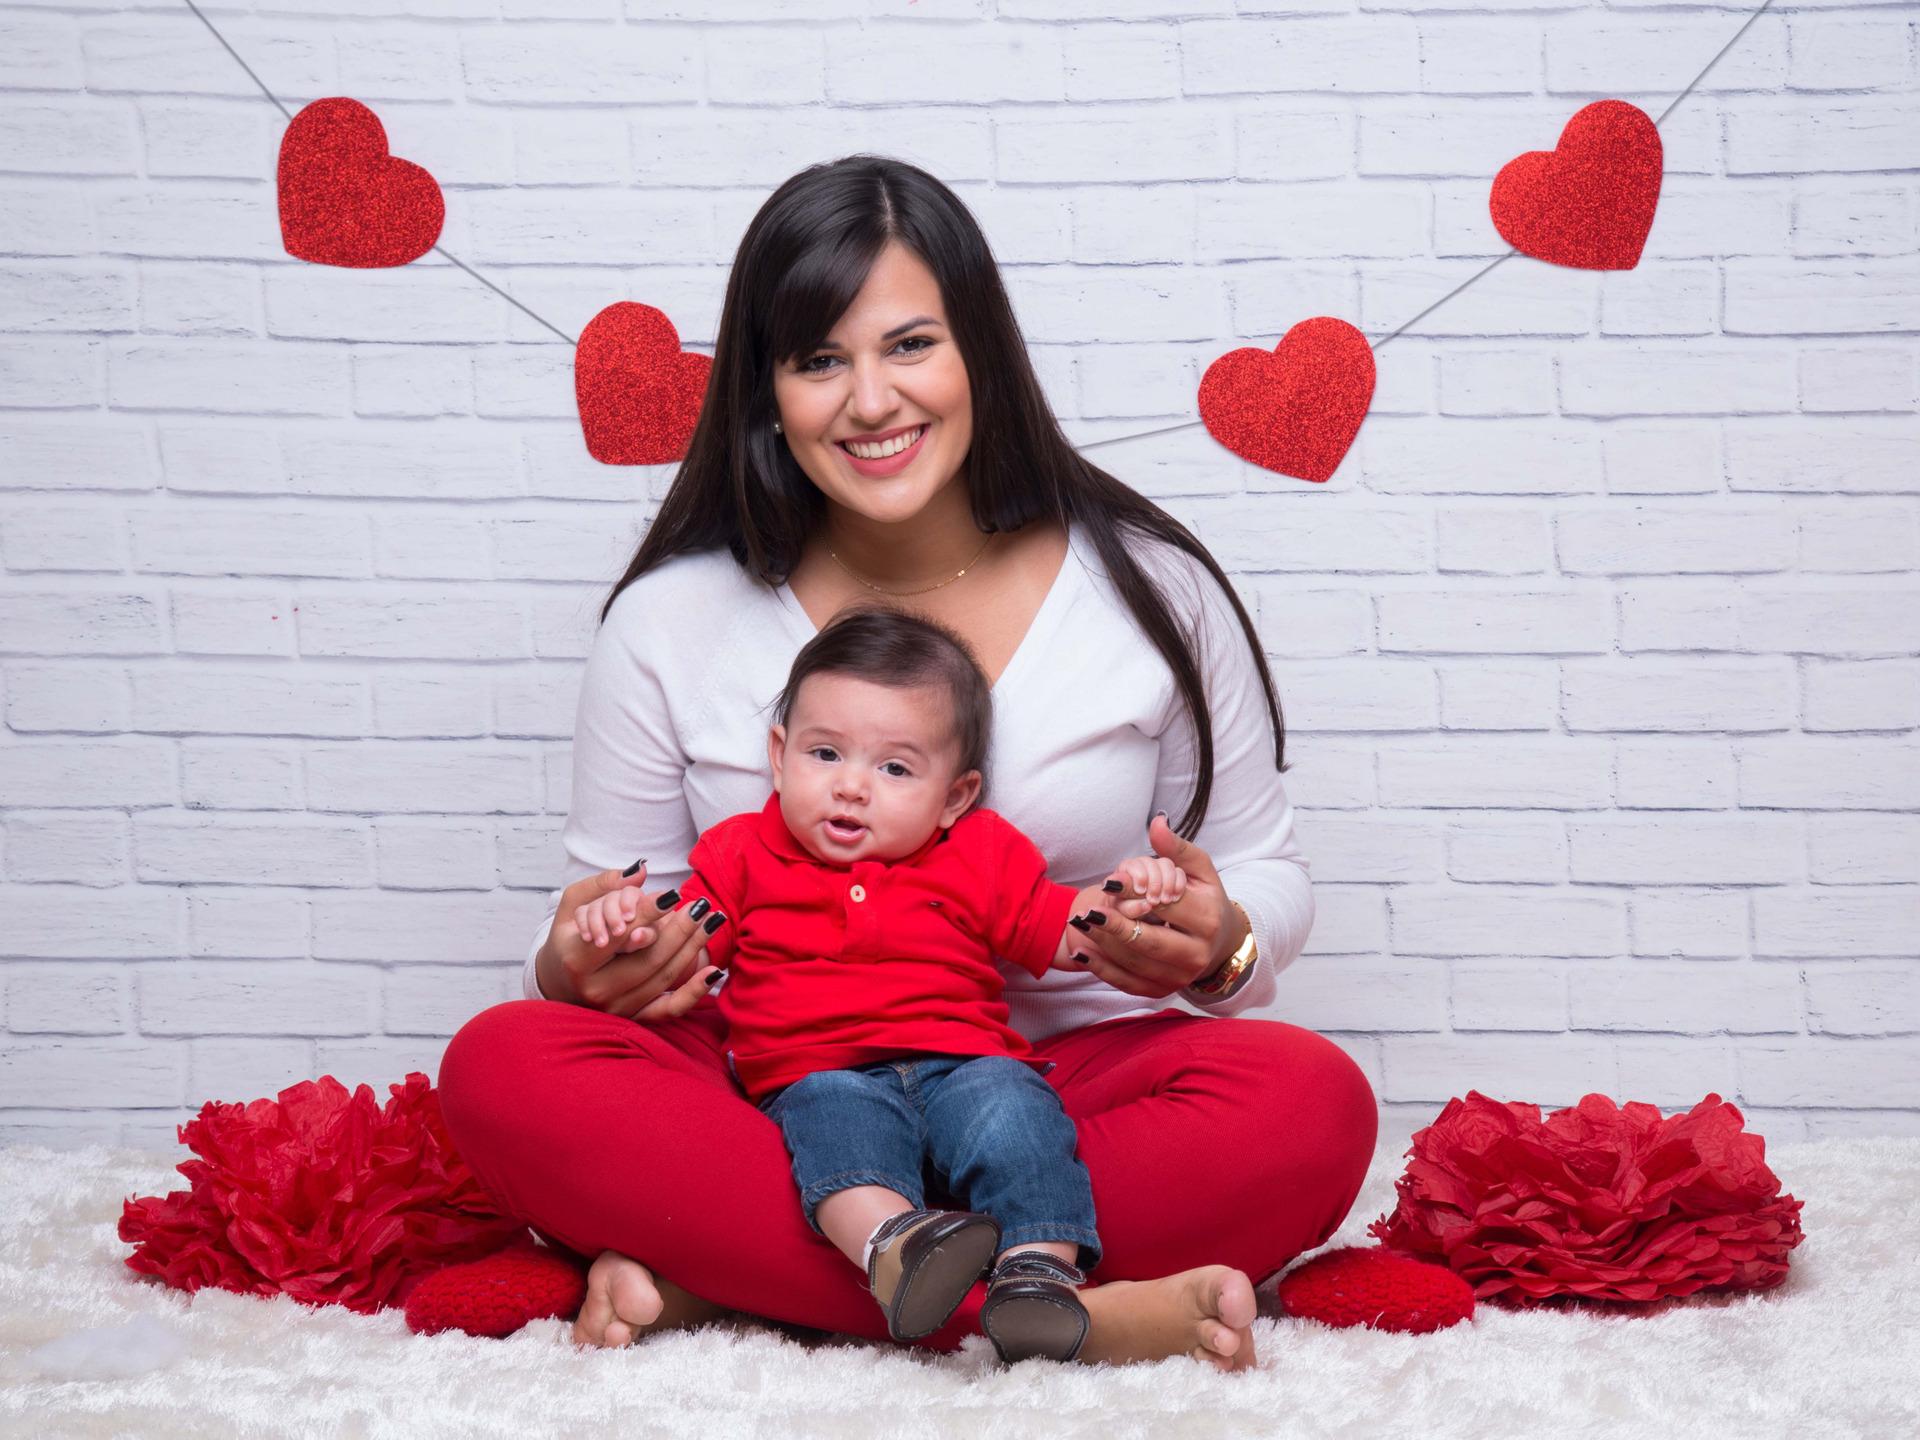 sessão de fotos dia das mães, sessão mãe e filho, amor de mãe, bebê da mamãe, amor da mamãe, ensaio fotografico mães, foto bebê e mãe, dia das mães, presente para mãe